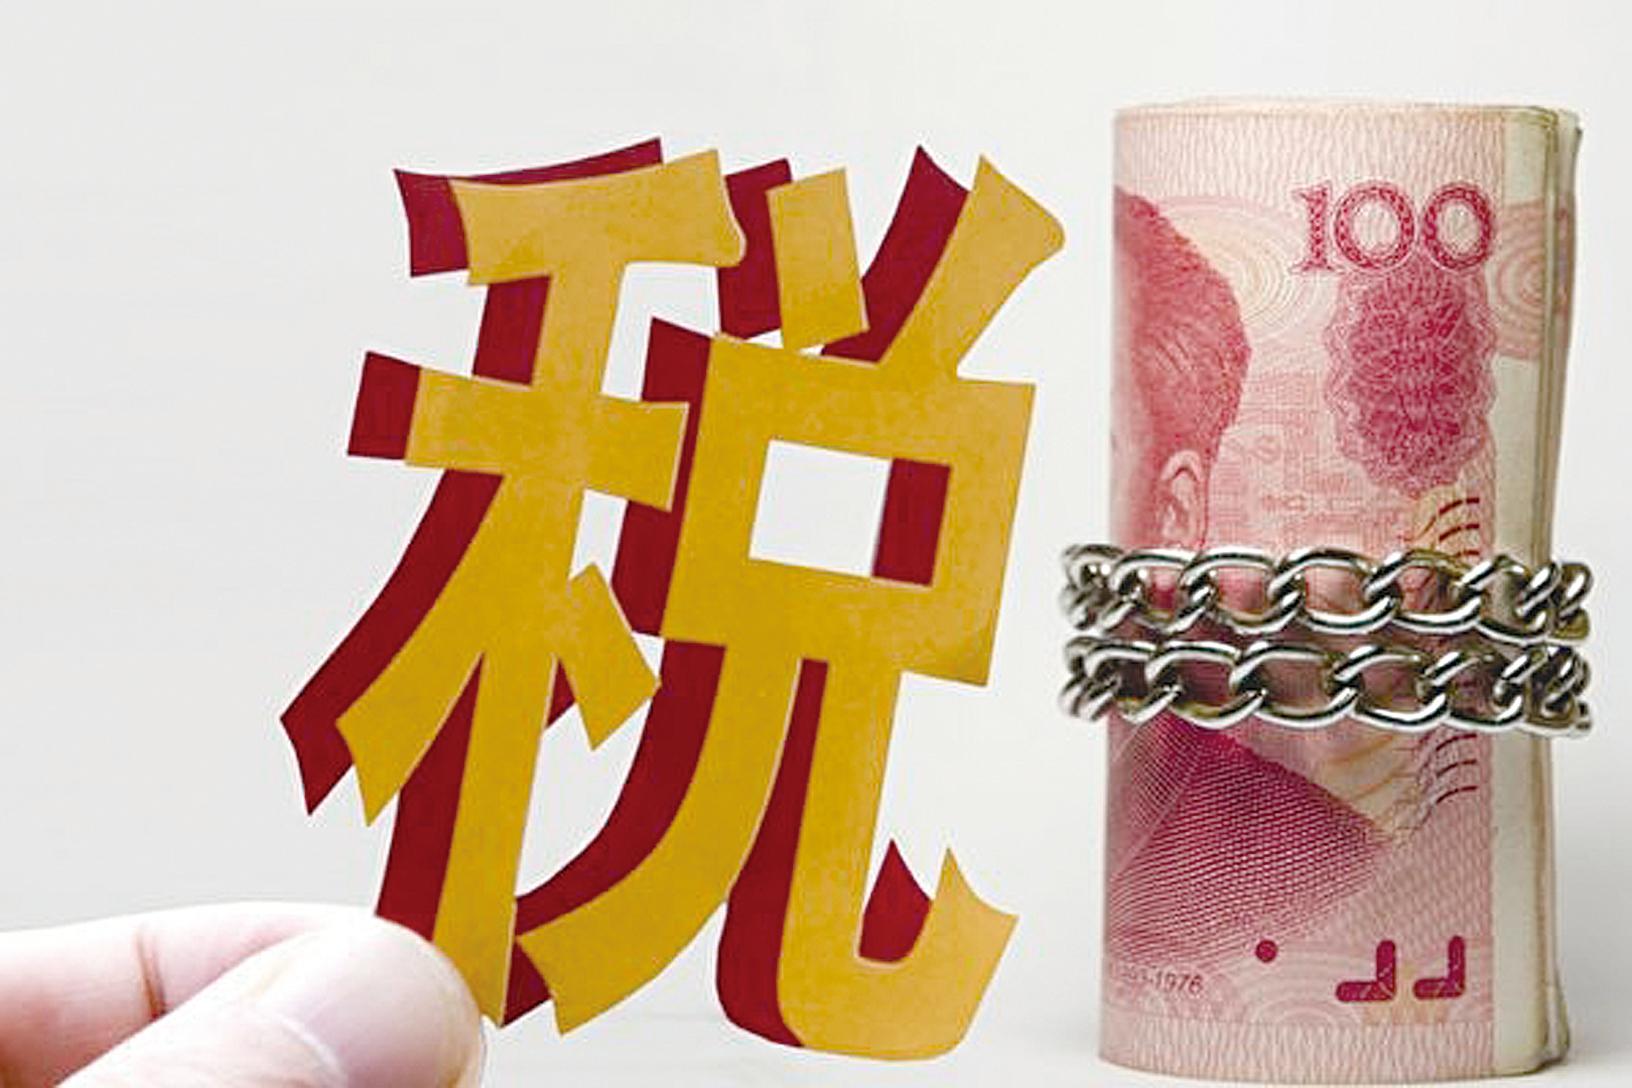 中國民企經營困境的現實問題,首先是,民企在融資困難之前,可能已被高稅費侵蝕大部份利潤、甚至壓死。(大紀元資料圖片)